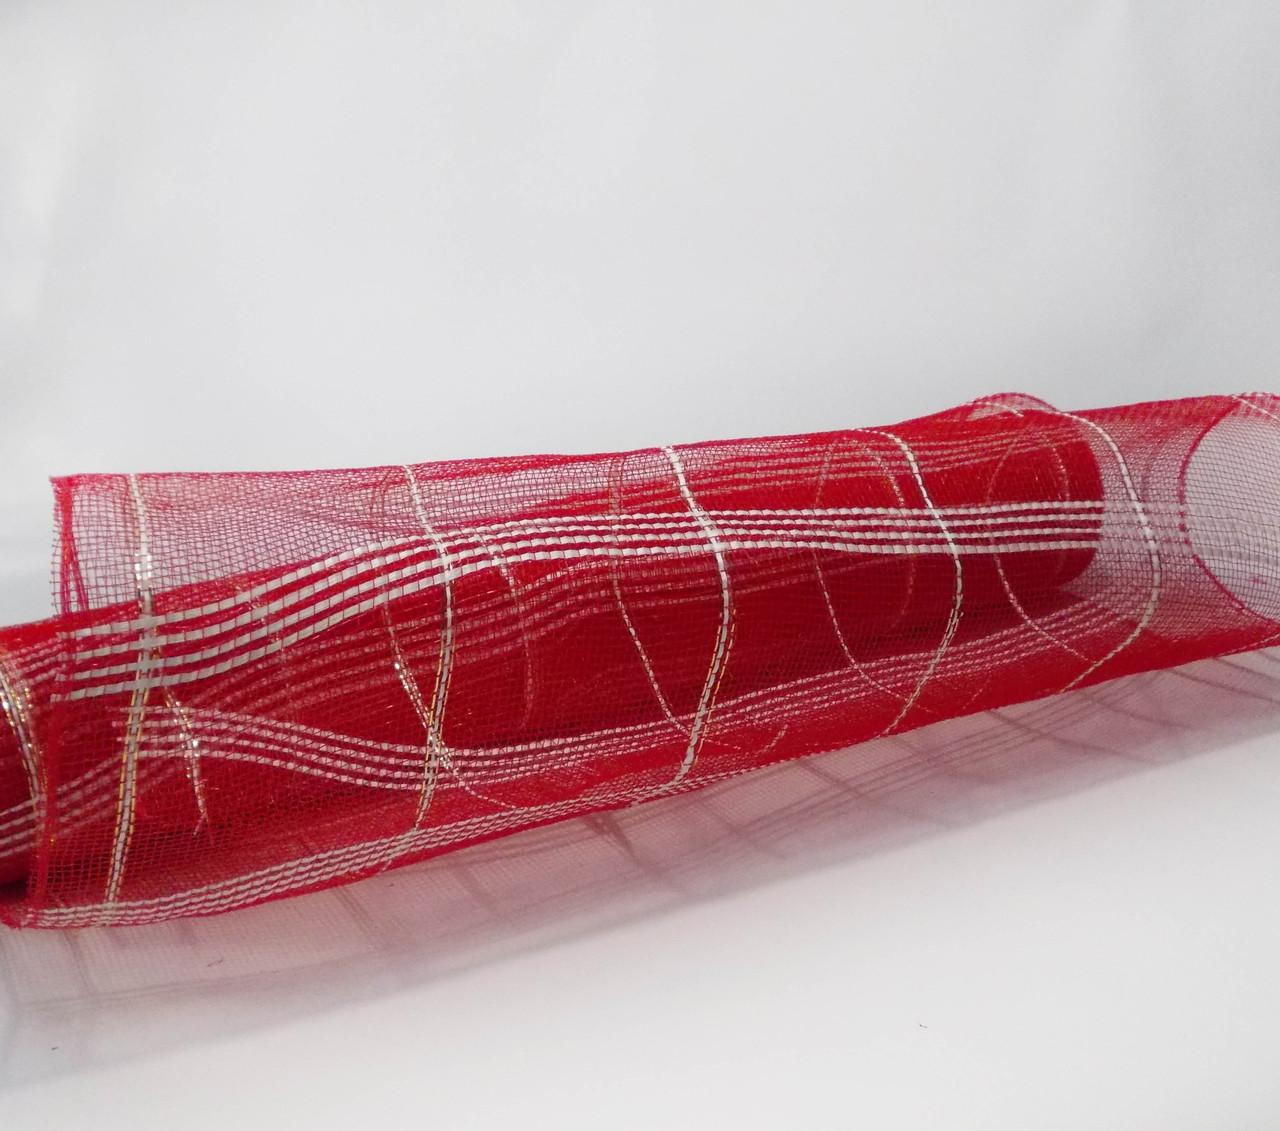 Сетка шотландка флористическая для упаковки красная